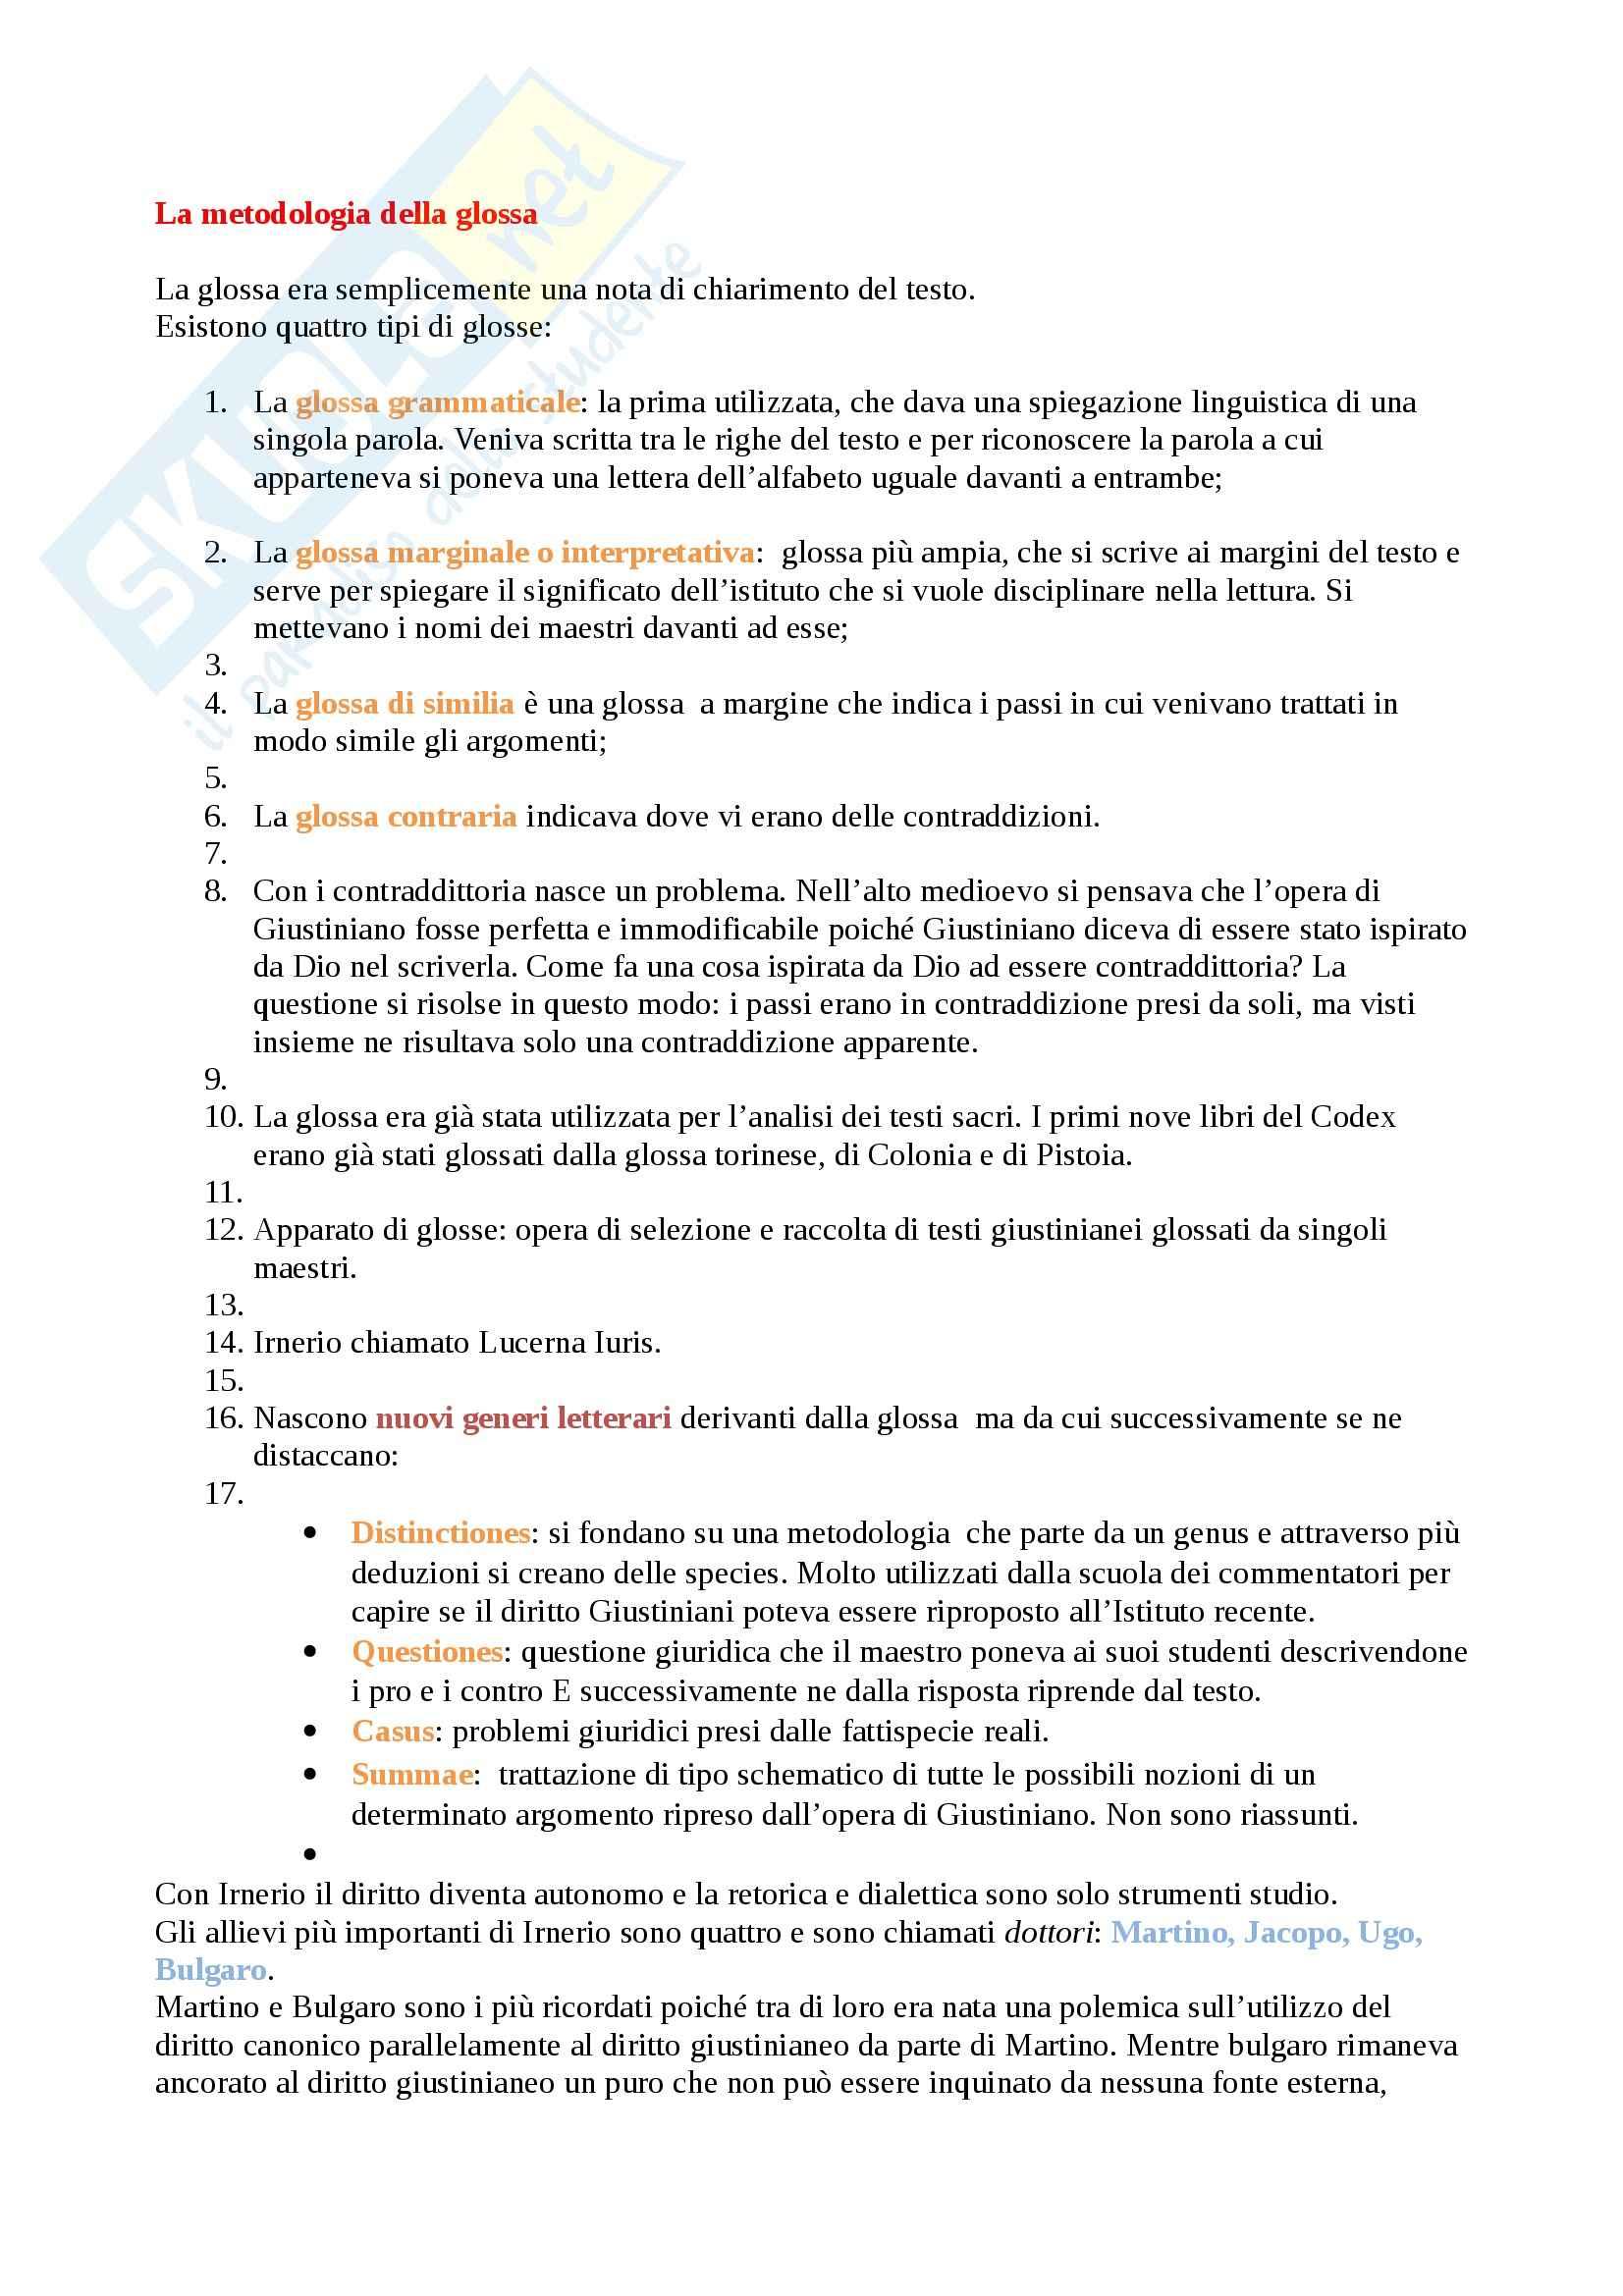 Metodologia della glossa, Storia del diritto